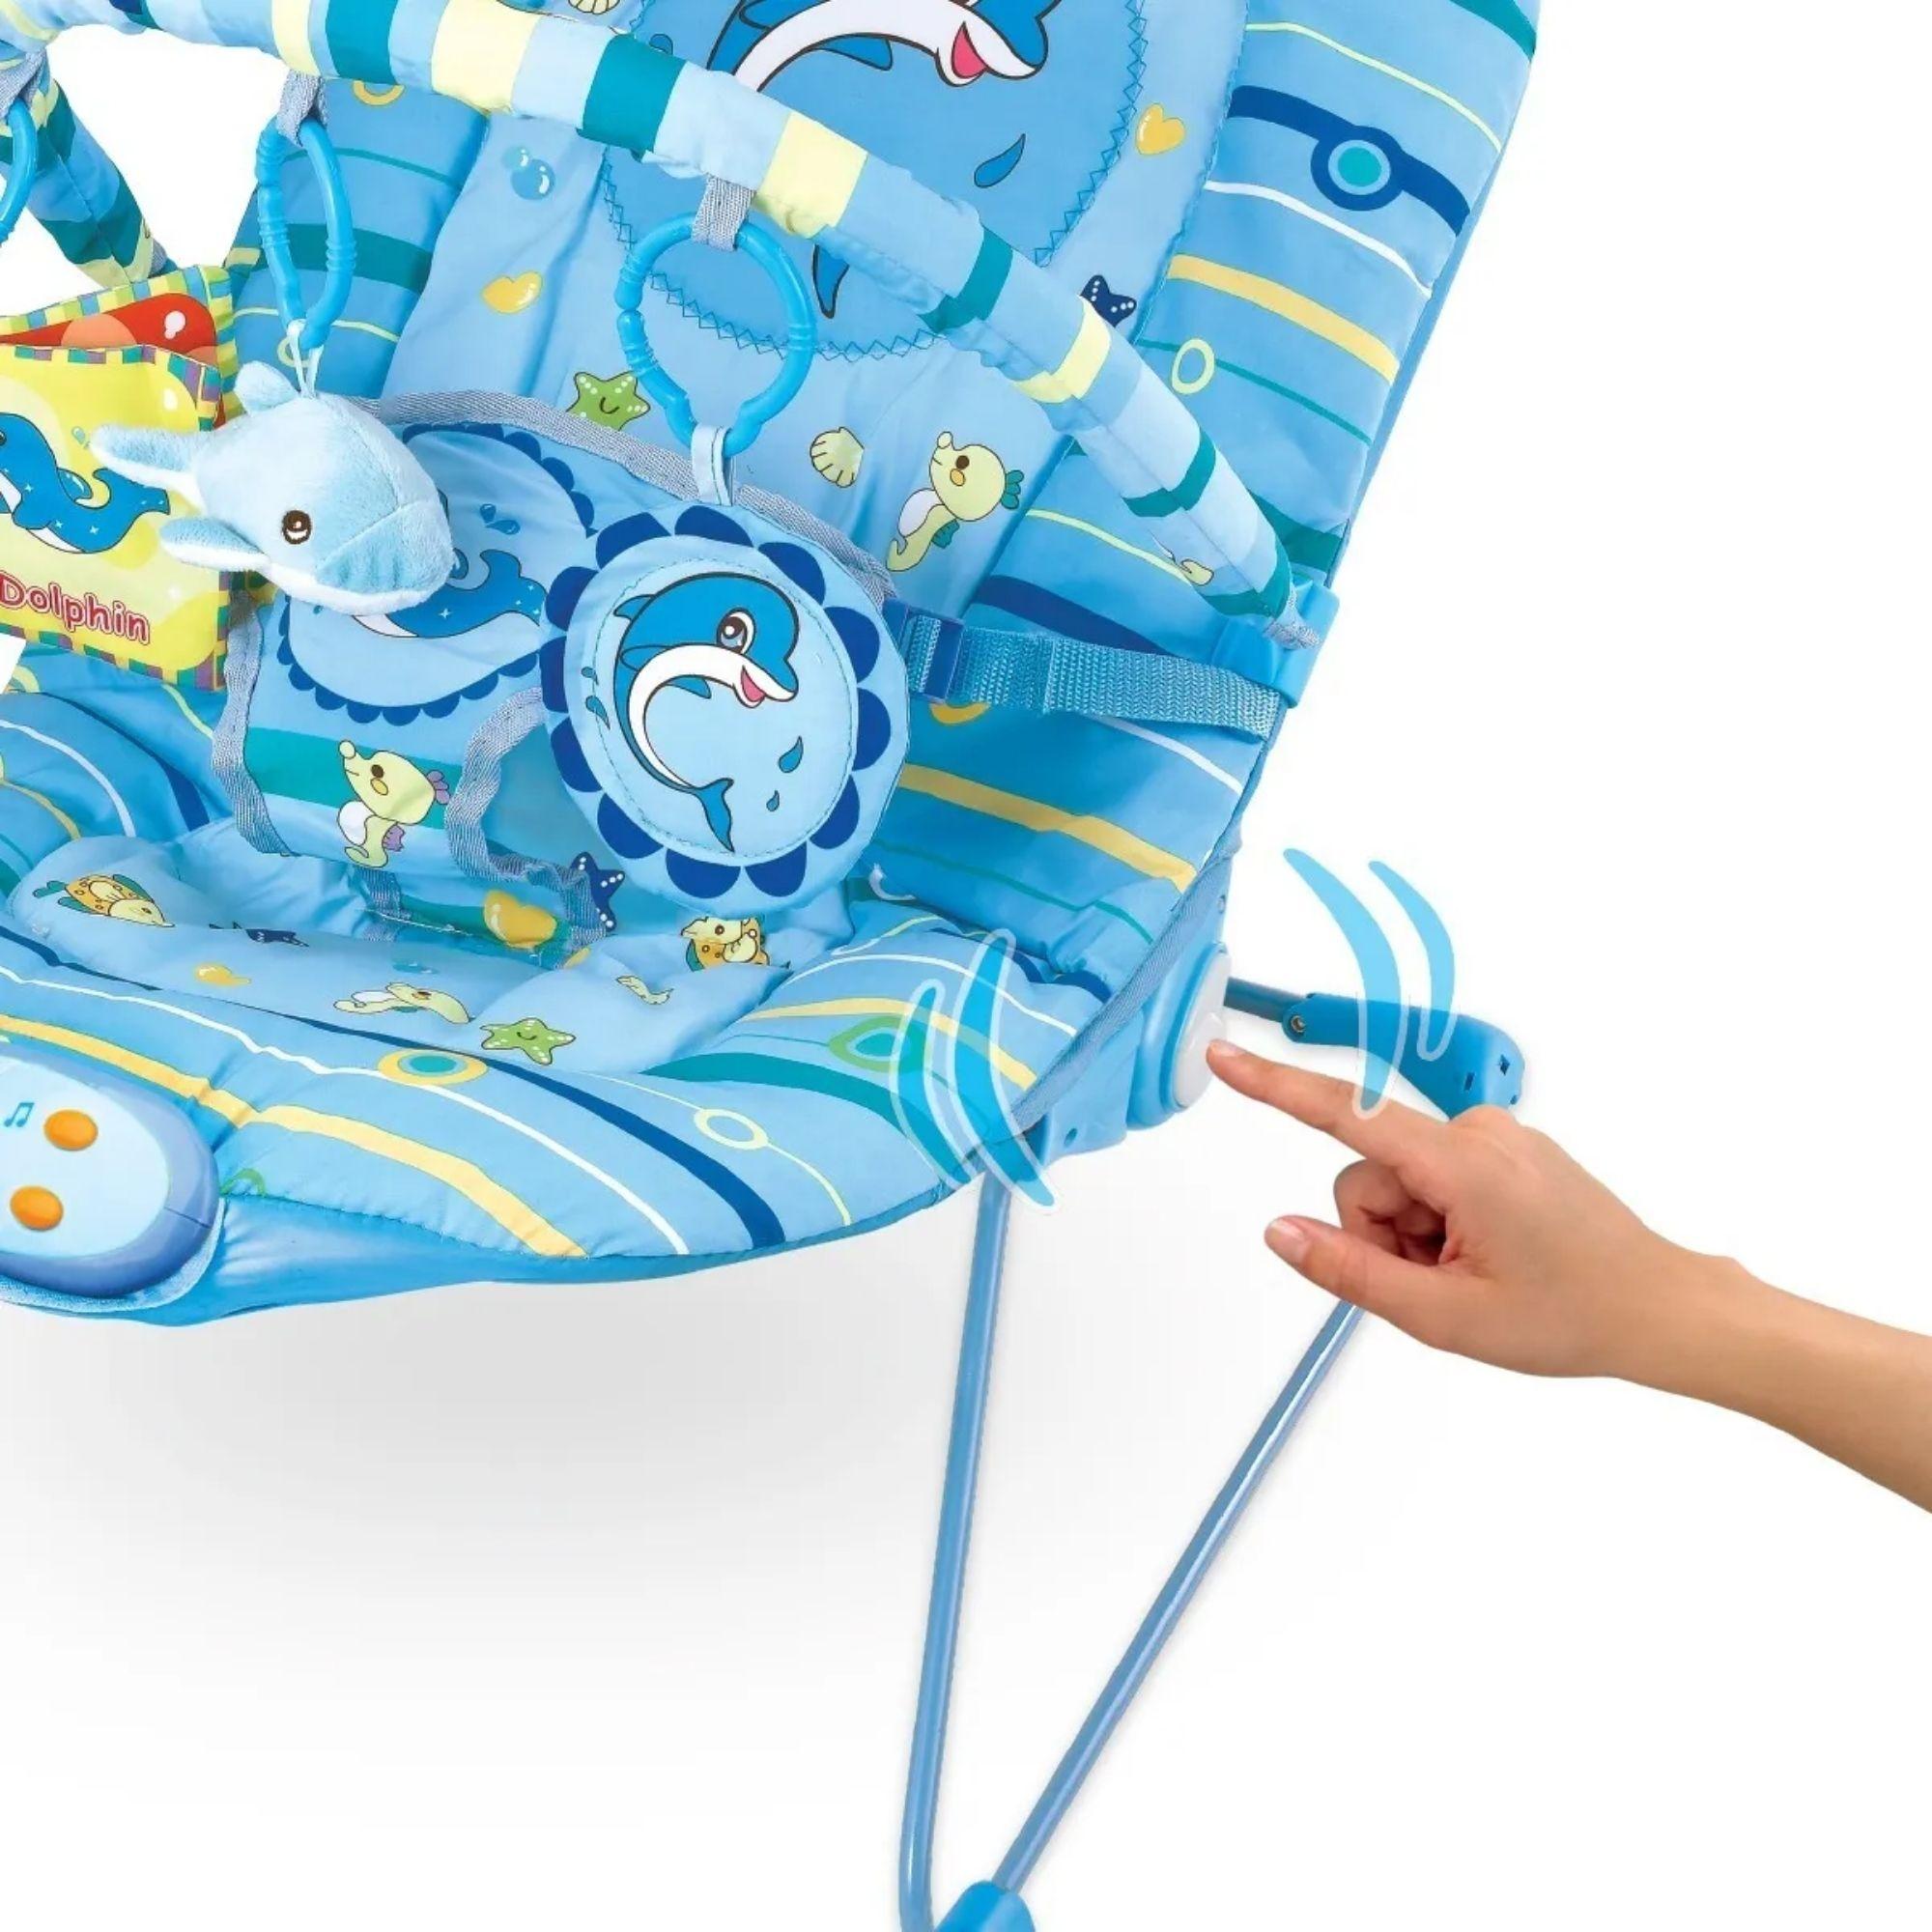 Cadeira de Descanso Musical e Vibratória para Bebê   - Game Land Brinquedos